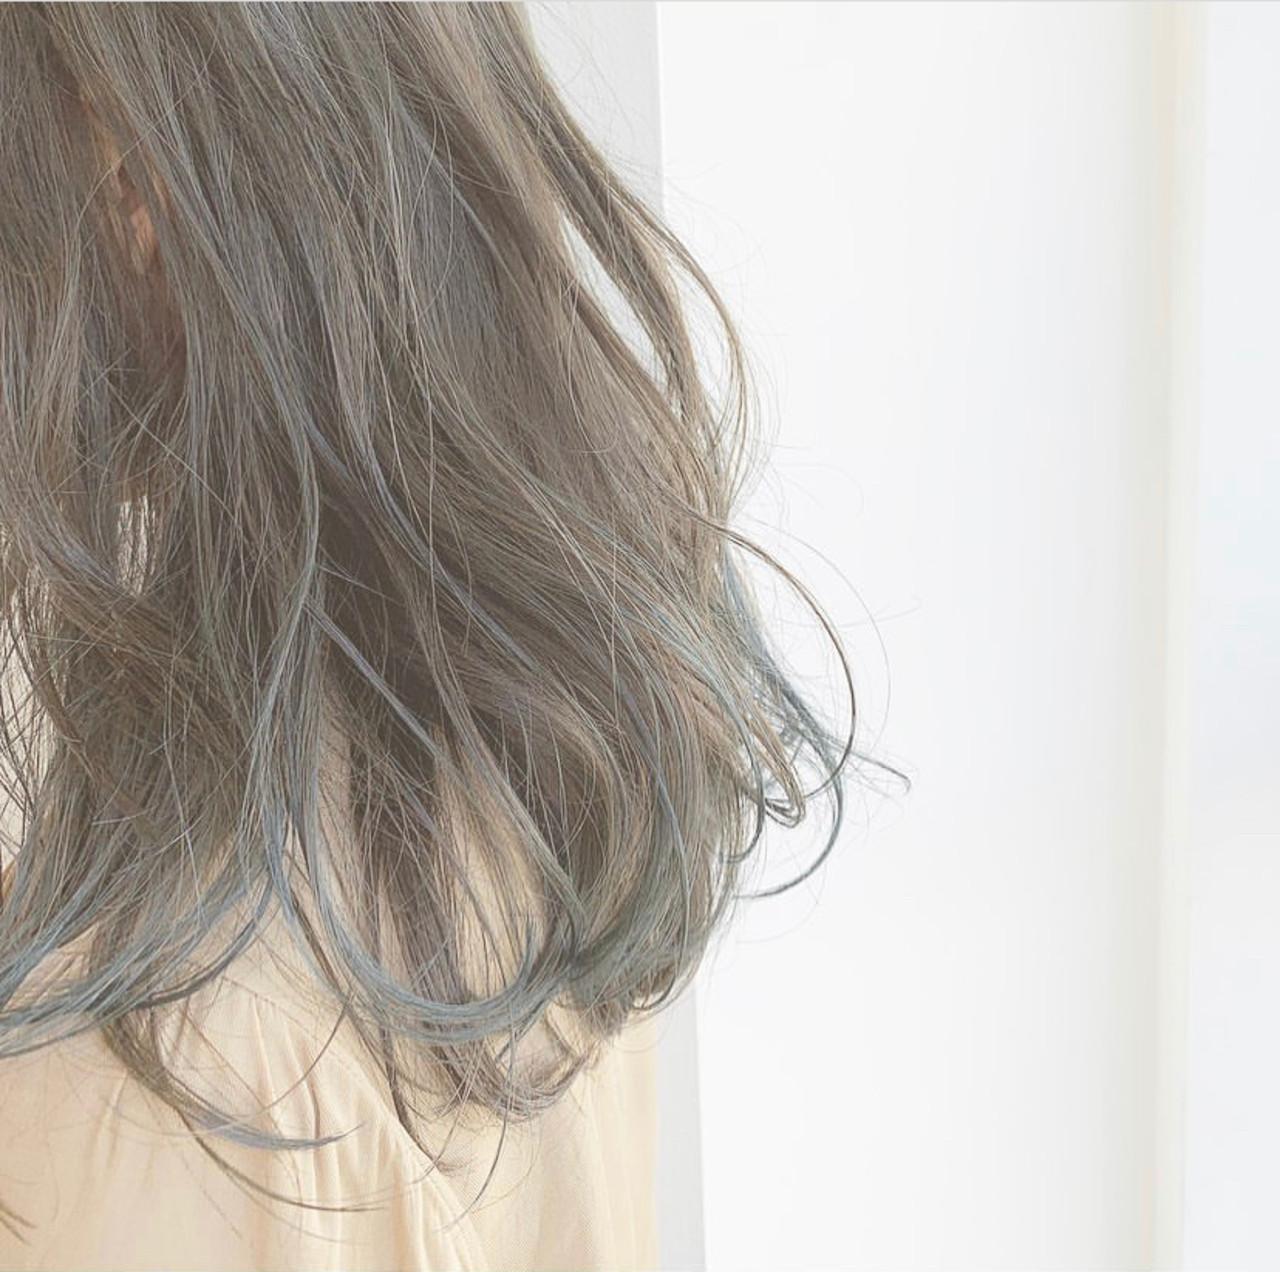 インナーカラー ハイライト 透け感 セミロング ヘアスタイルや髪型の写真・画像